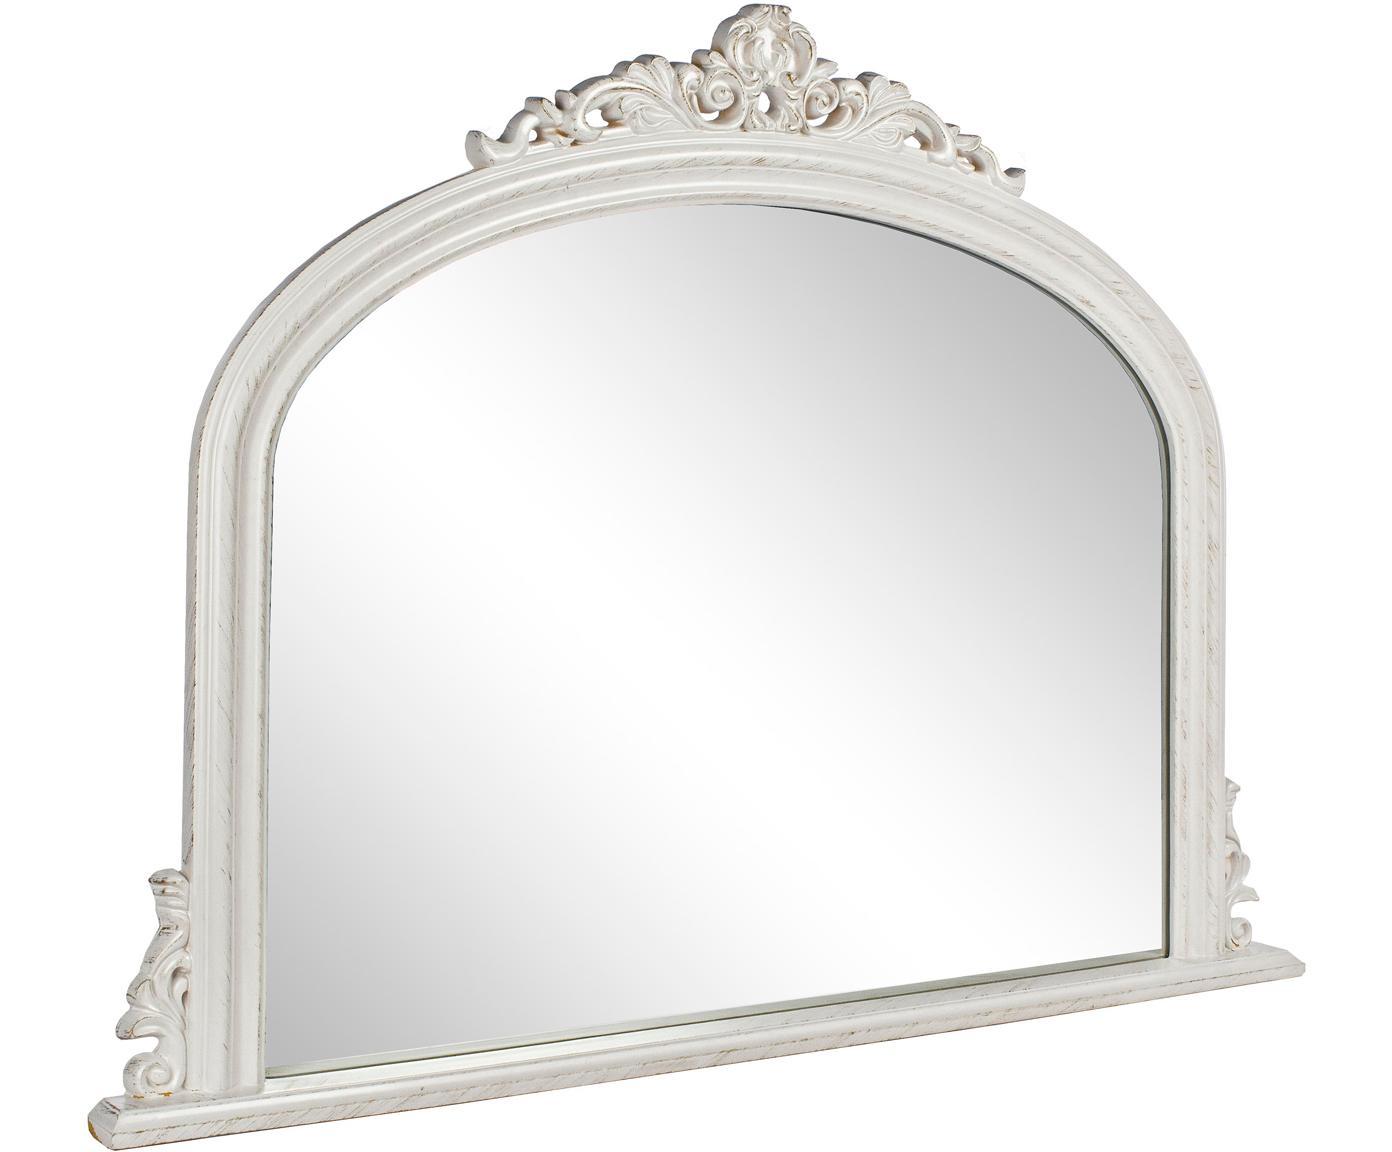 Wandspiegel Miro mit weissem Holzrahmen, Rahmen: Holz, beschichtet, Spiegelfläche: Spiegelglas, Weiss, 120 x 90 cm